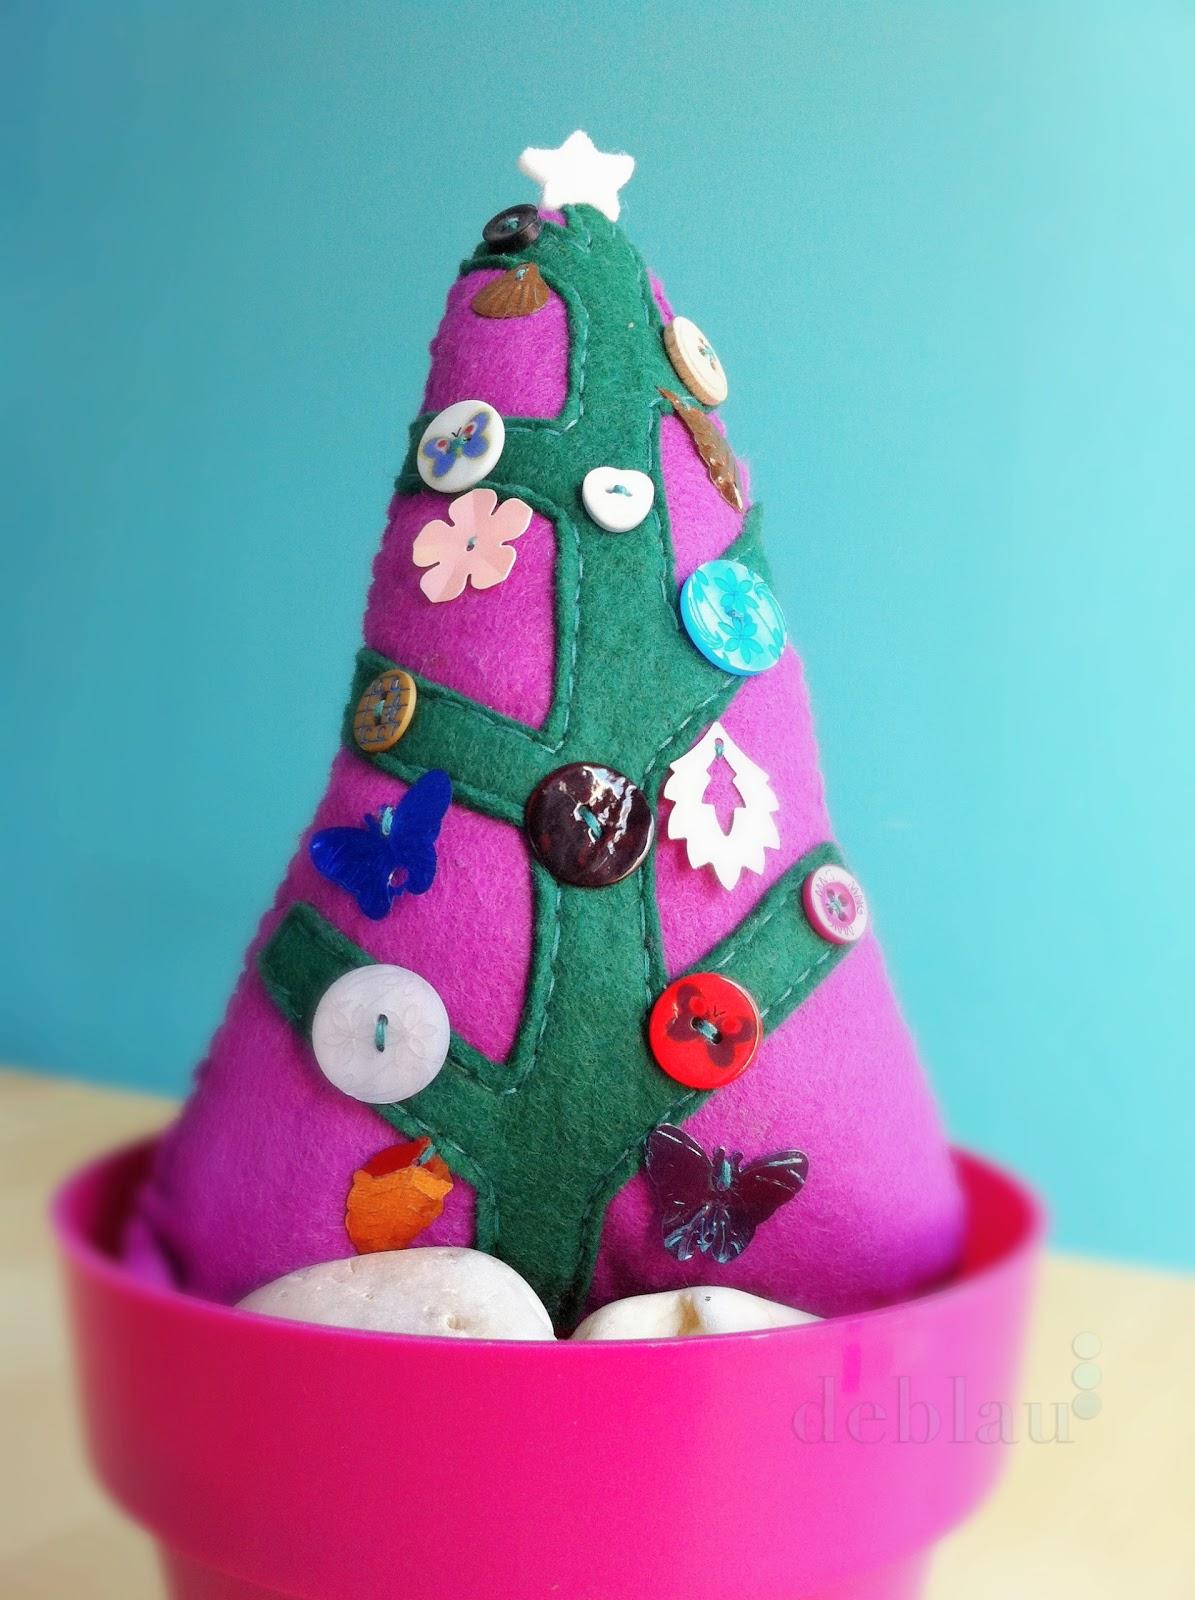 Deblau rbol de navidad de fieltro - Arbol de navidad de fieltro ...